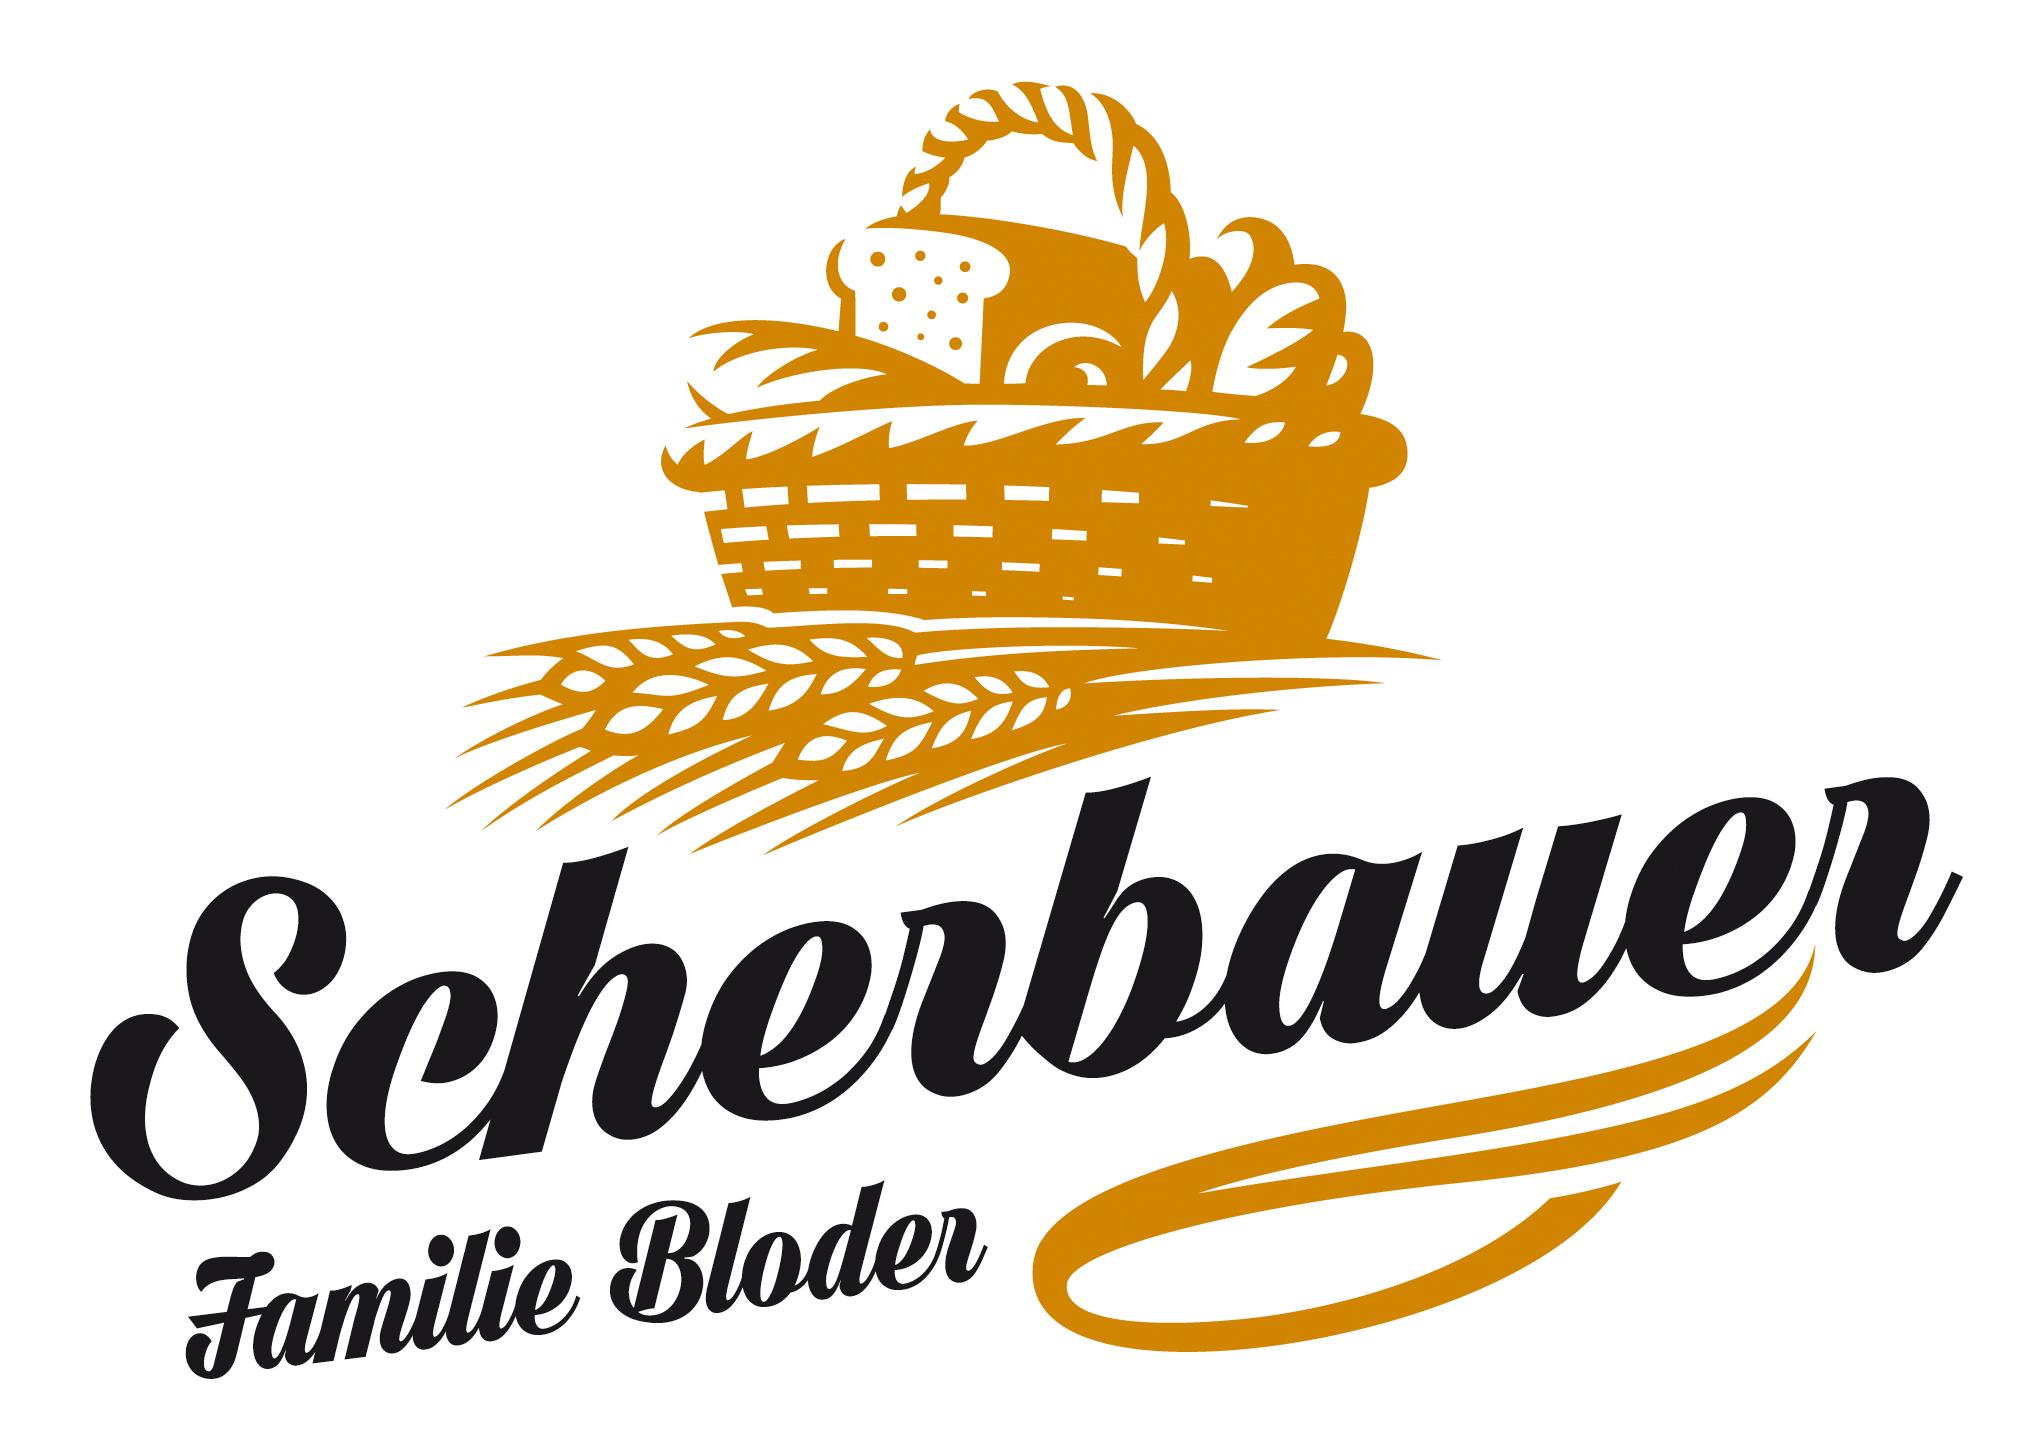 Hofbäckerei Bolder, Scherbauerhof